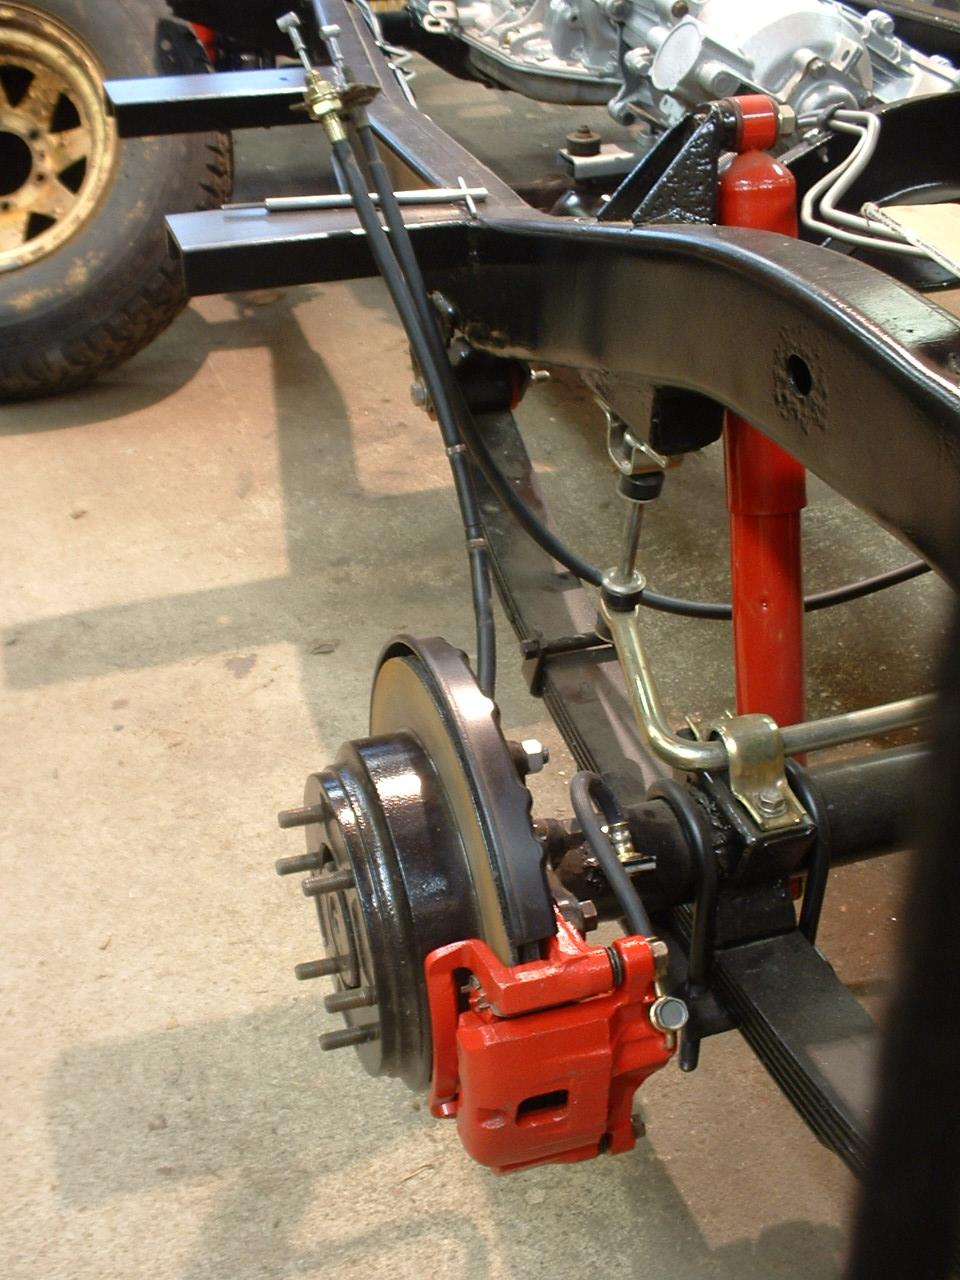 401 Cj7 Jeep Buildup November 2012 Quadra Trac Vacuum Diagram